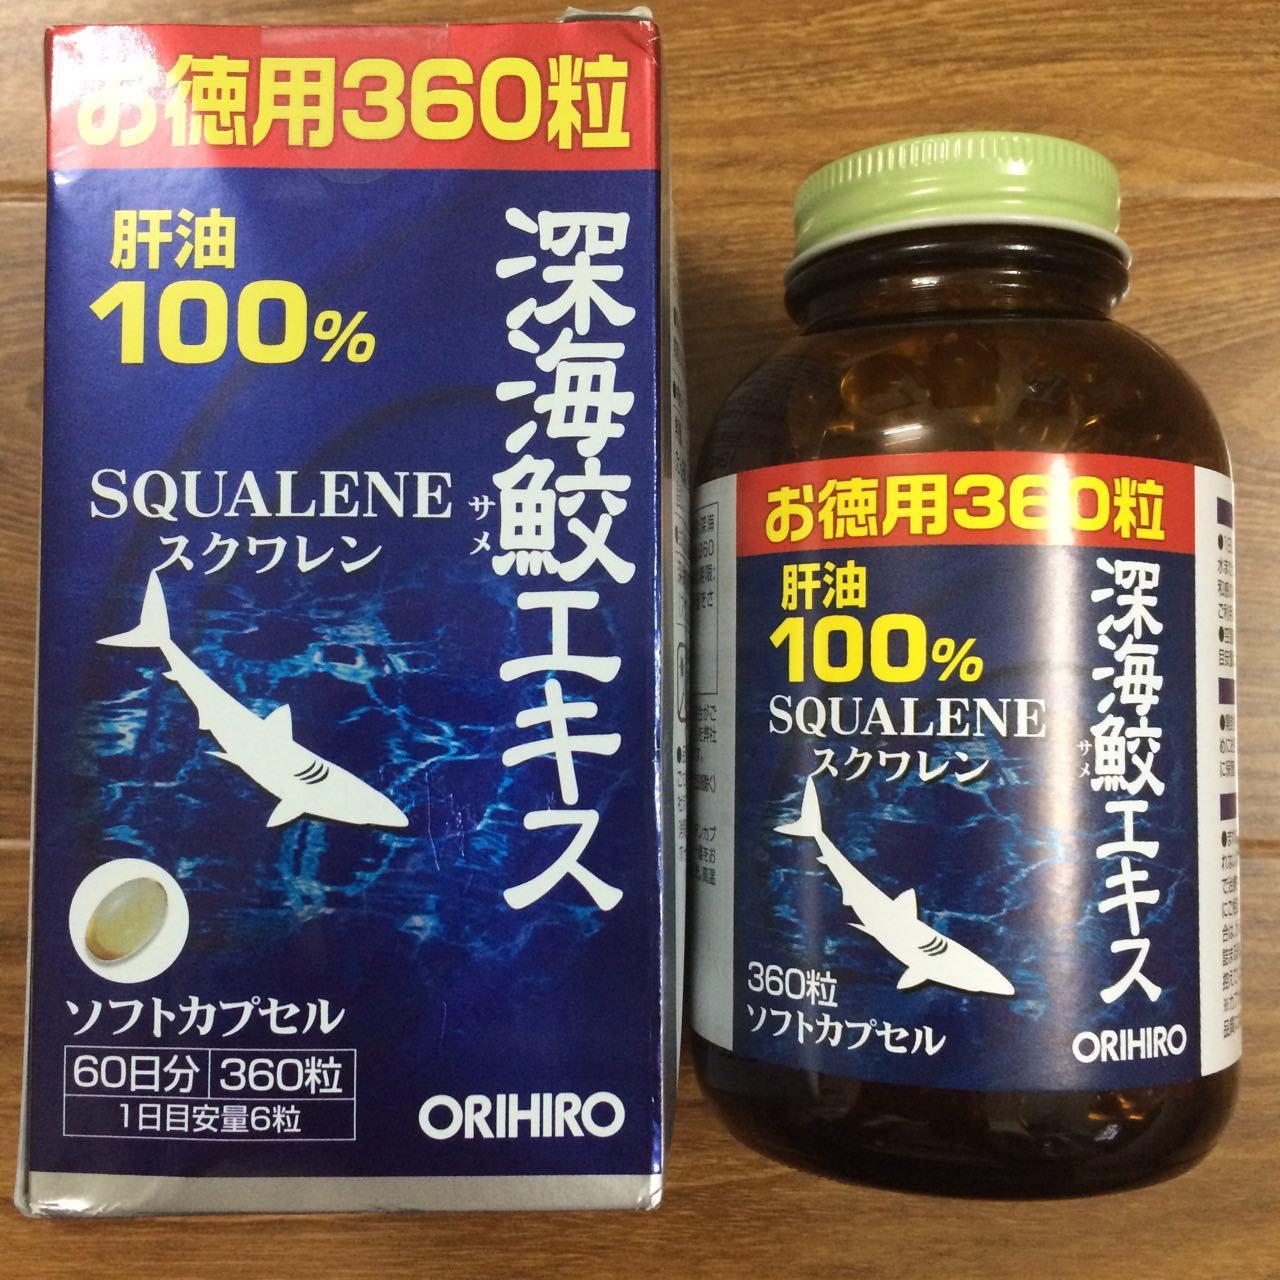 sun-vi-ca-map-orihiro-squalene-nhat-ban-co-tot-cho-xuong-khop-1